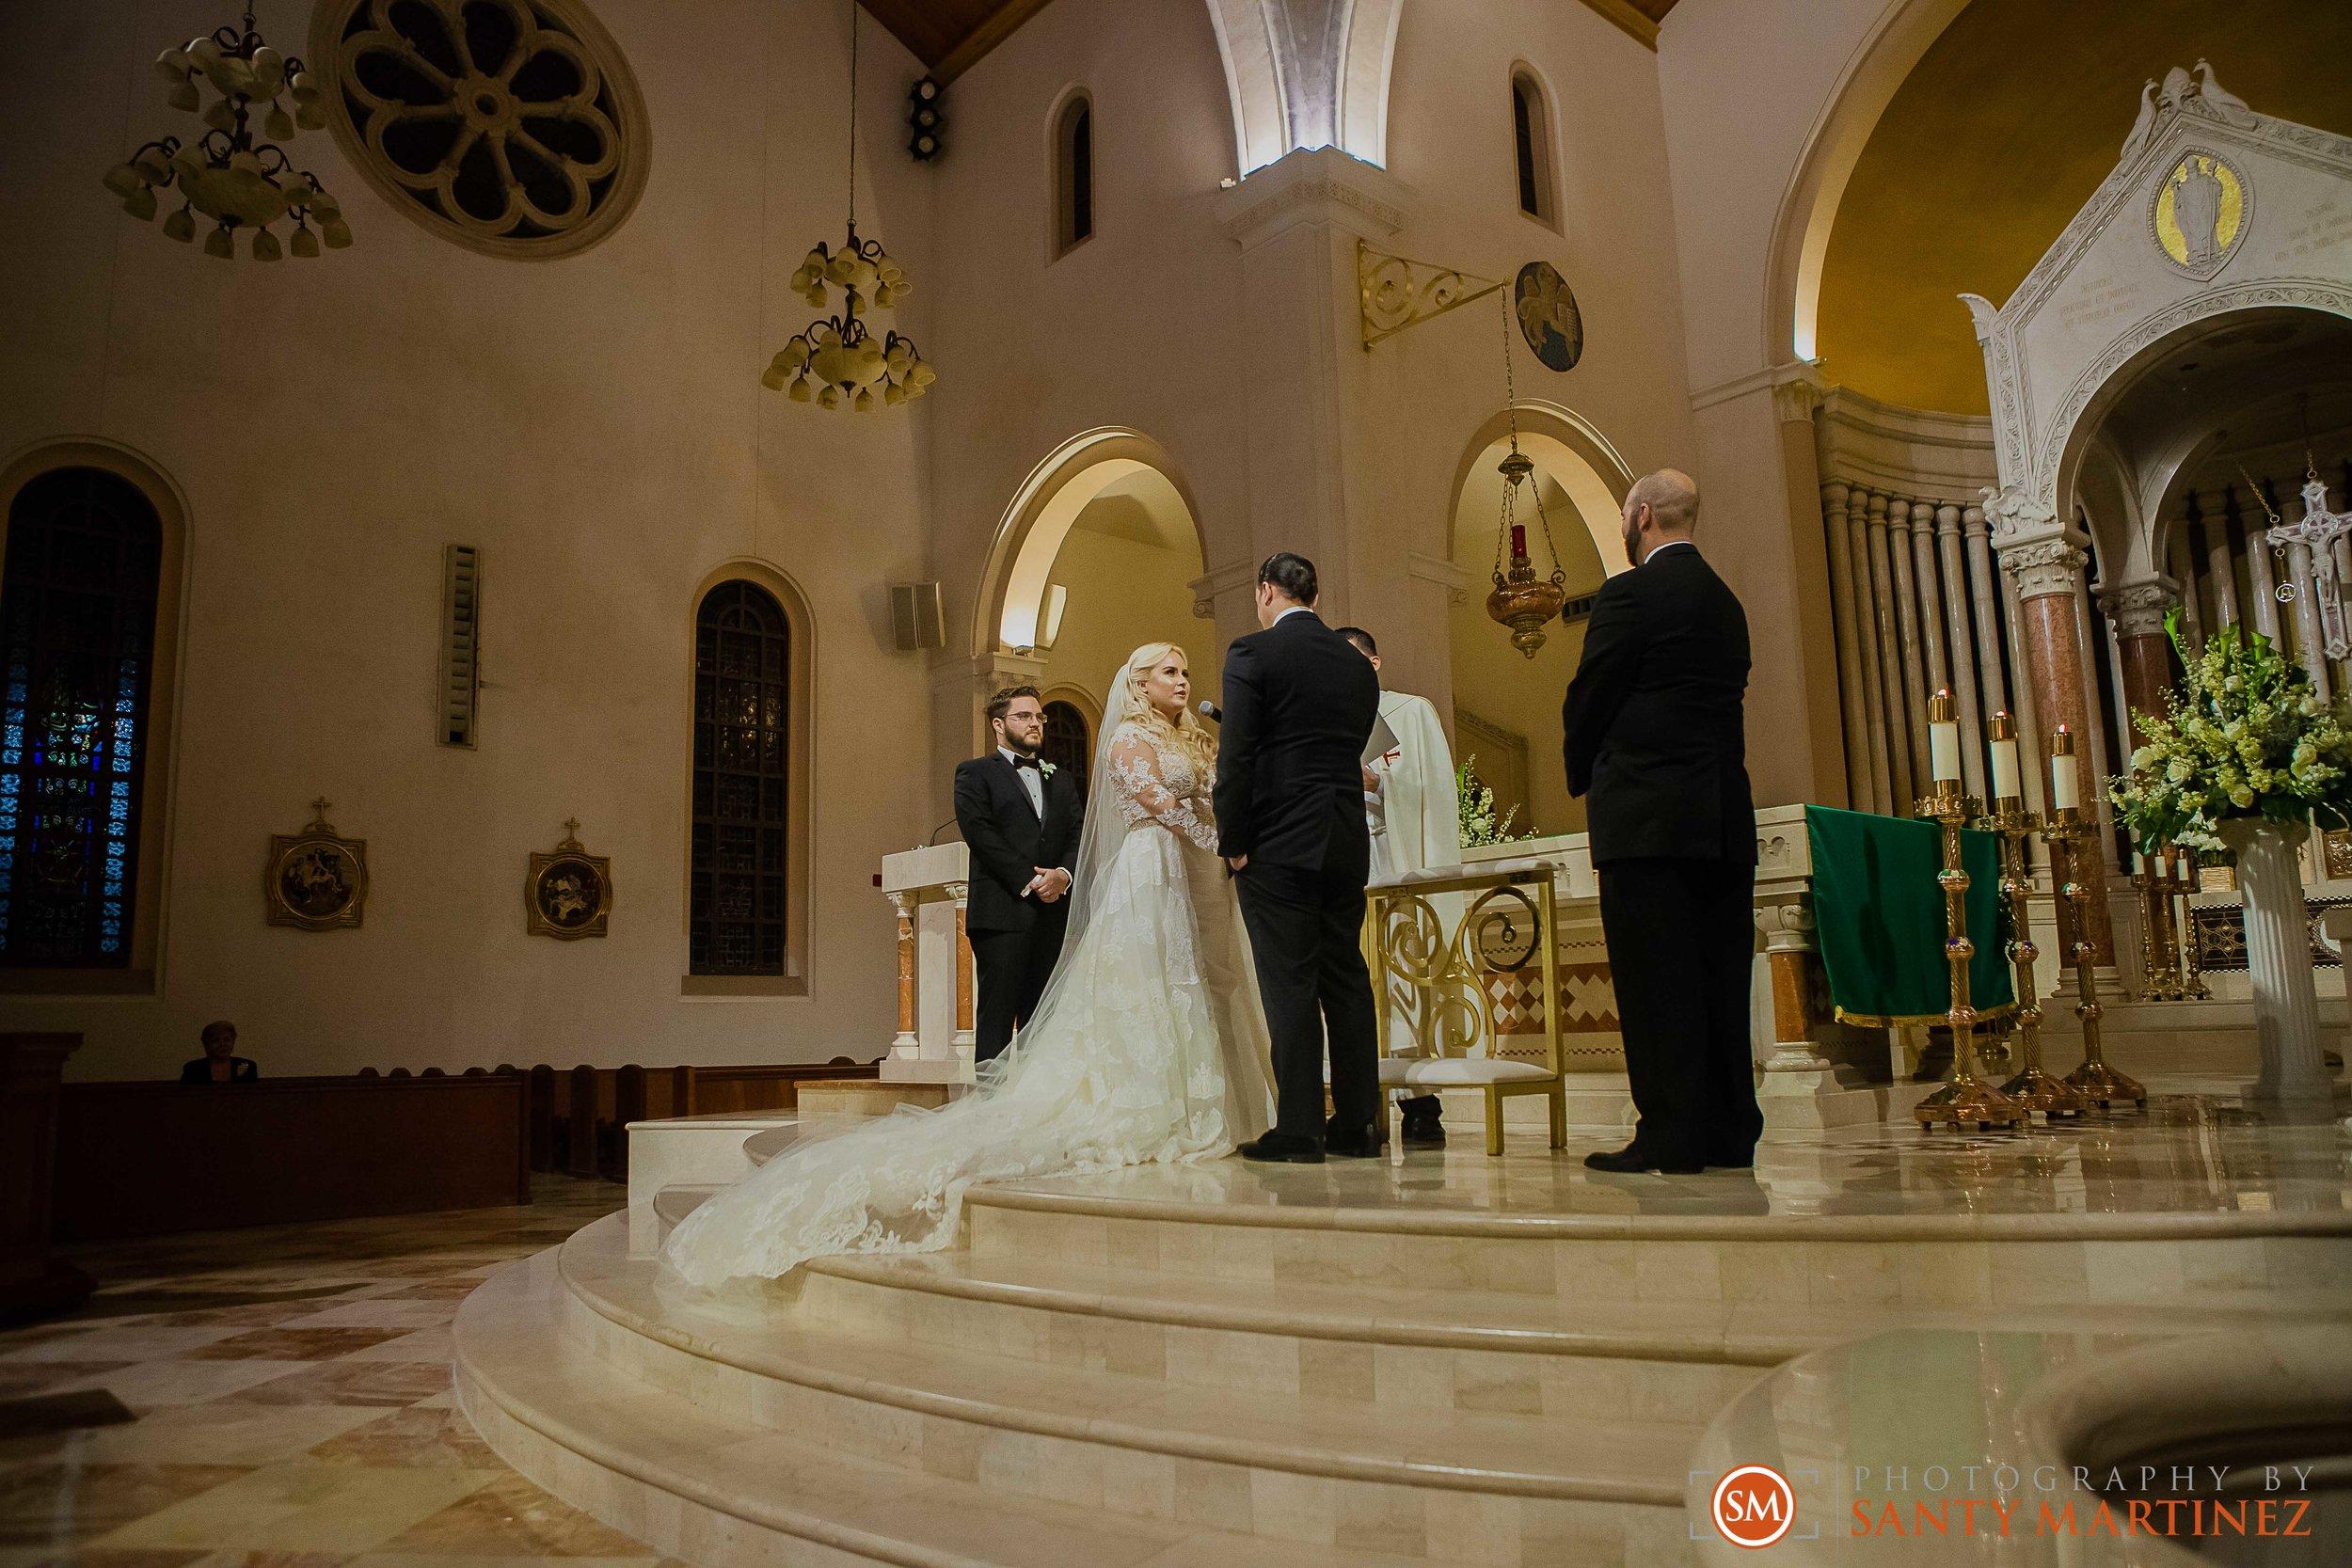 Wedding - W Hotel - St Patrick Miami Beach - Santy Martinez Photography-23.jpg